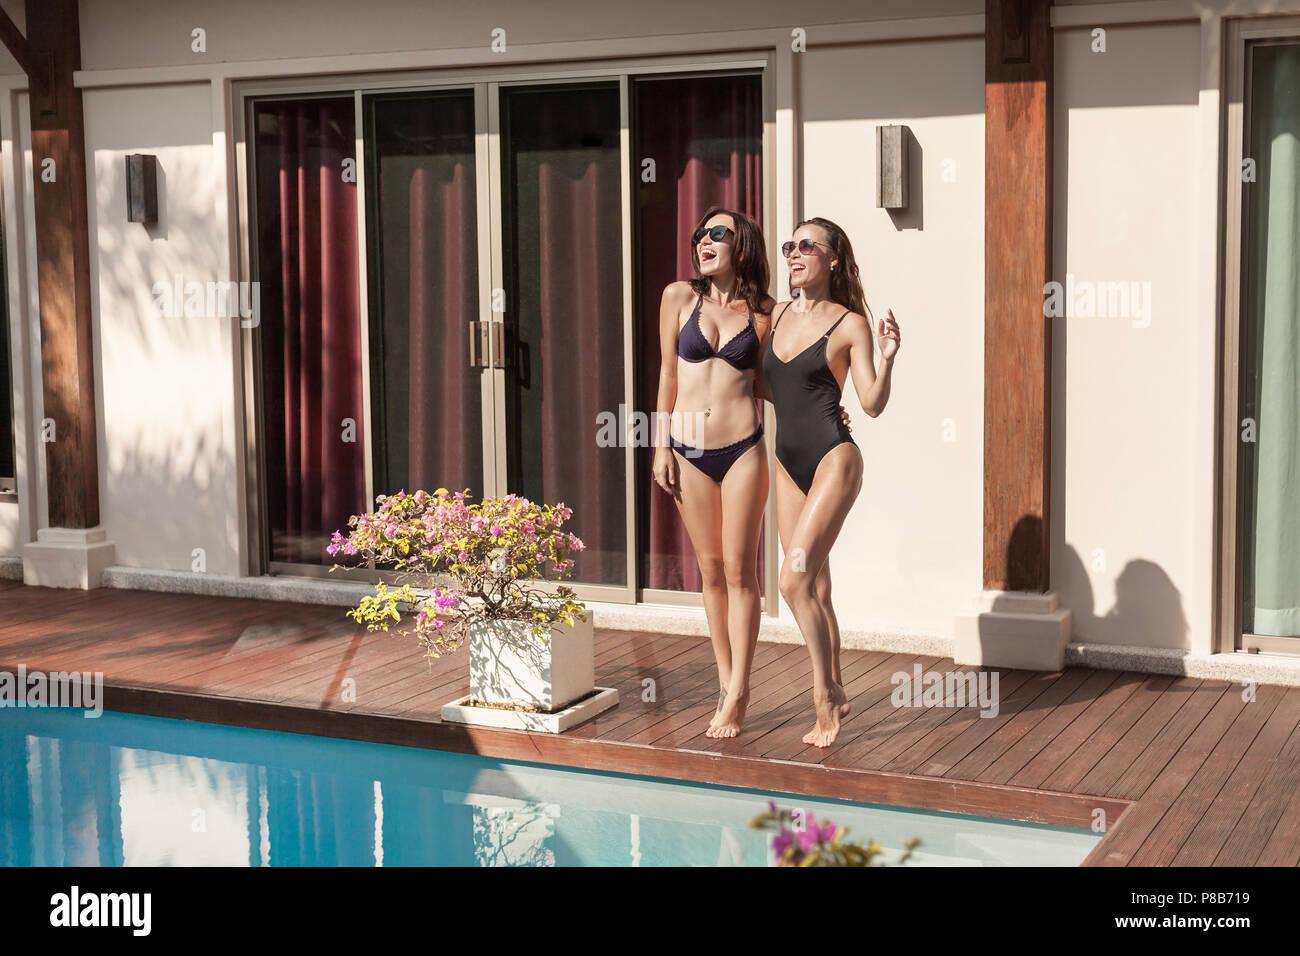 cd8aa15ab5e0 Las mujeres jóvenes y atractivas en bikini y bañador de pie al lado ...